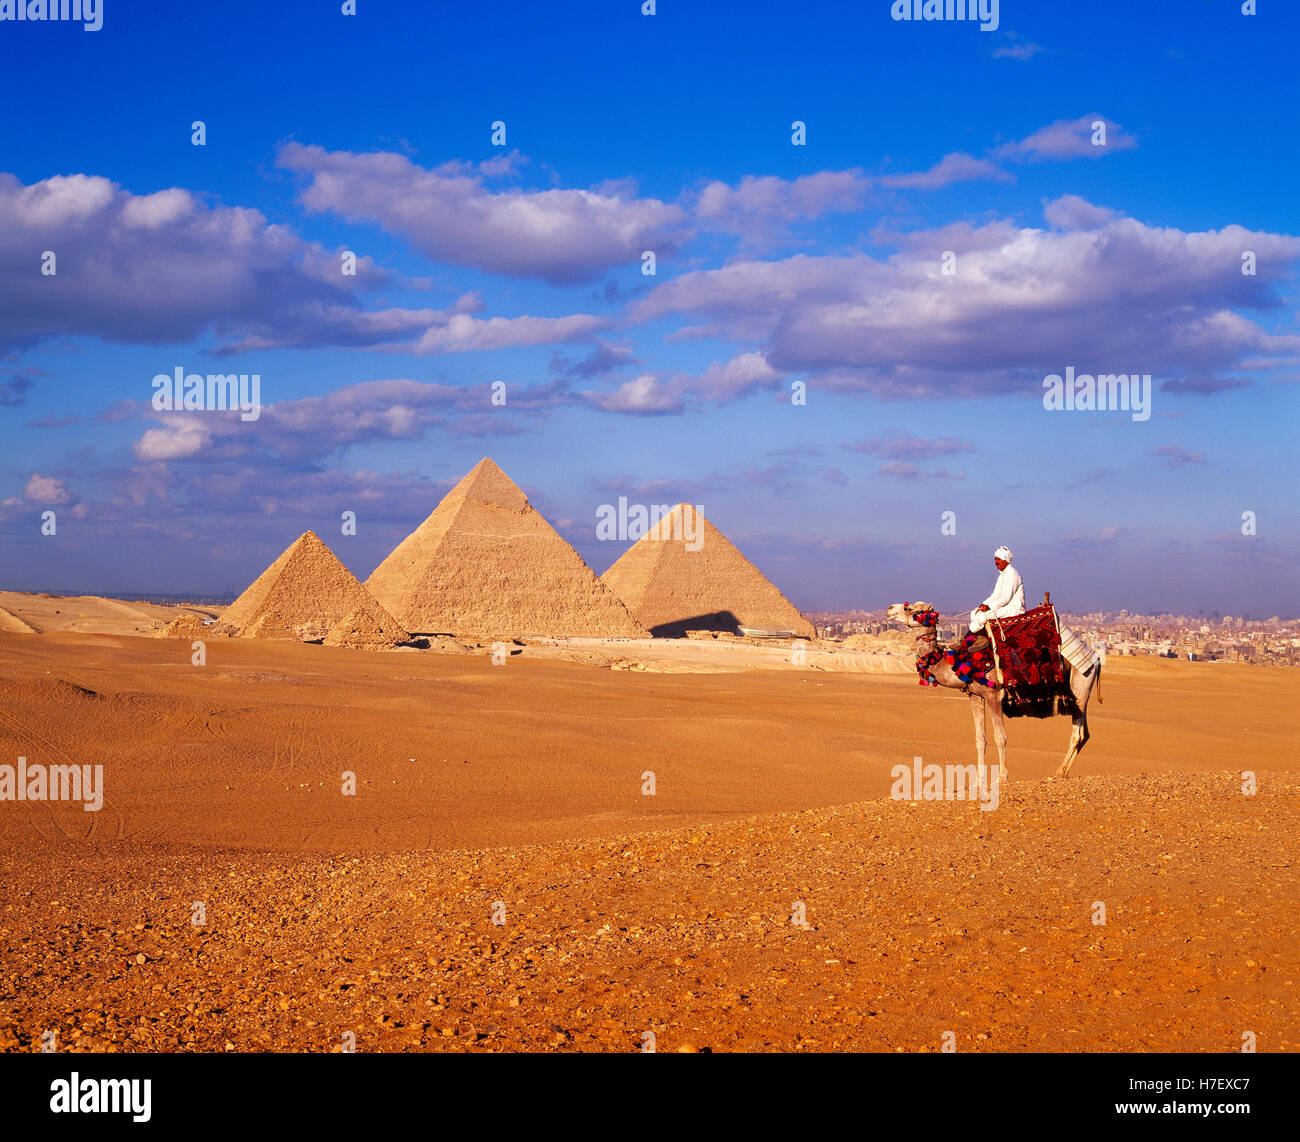 Pirámides y camellos, en Giza, Egipto Imagen De Stock